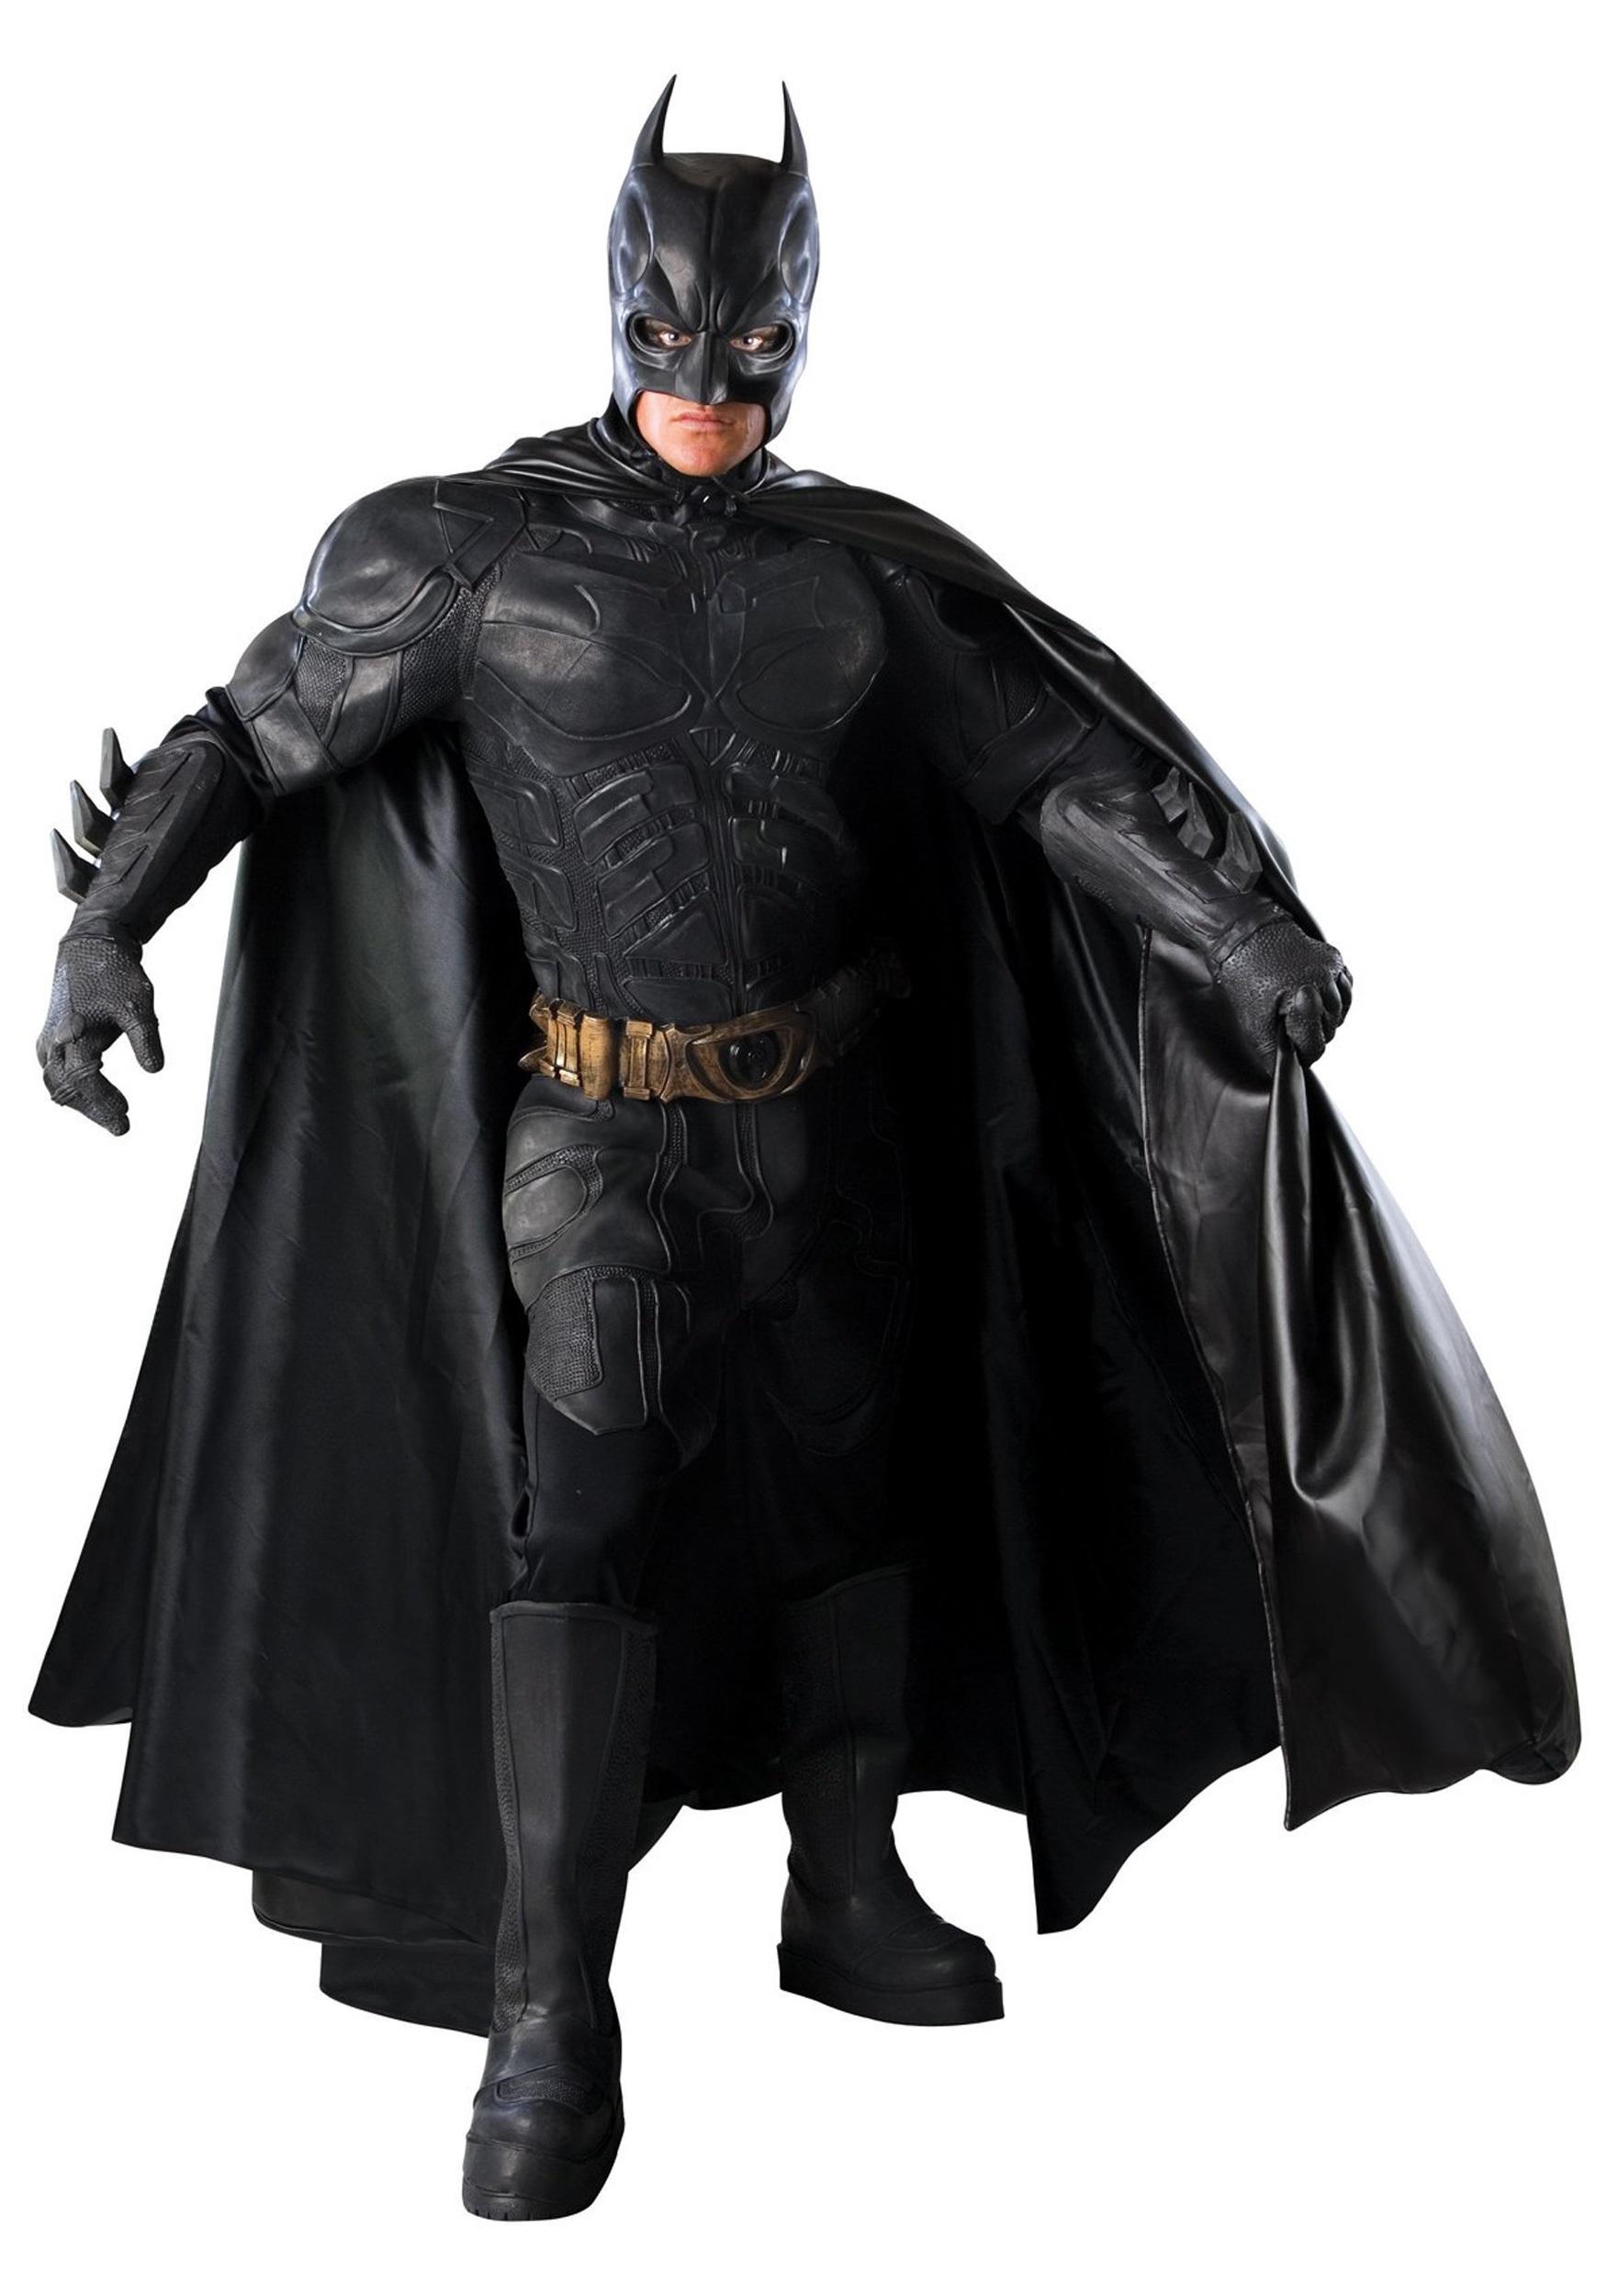 Ultimate The Dark Knight Batman Costume RU56311